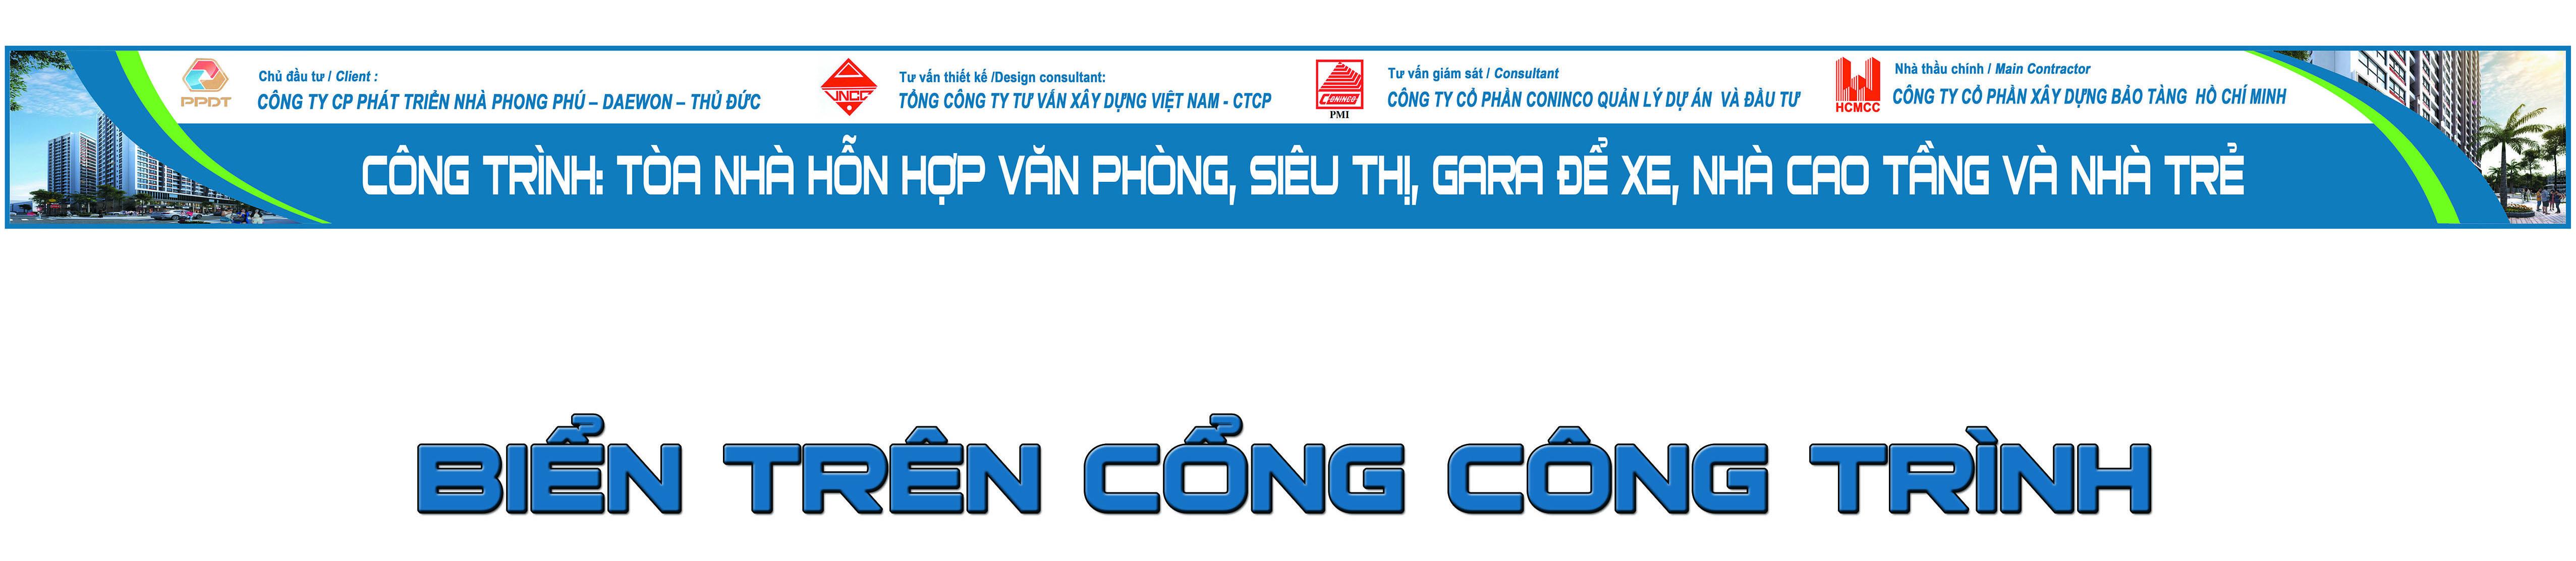 07 ten cong trinh